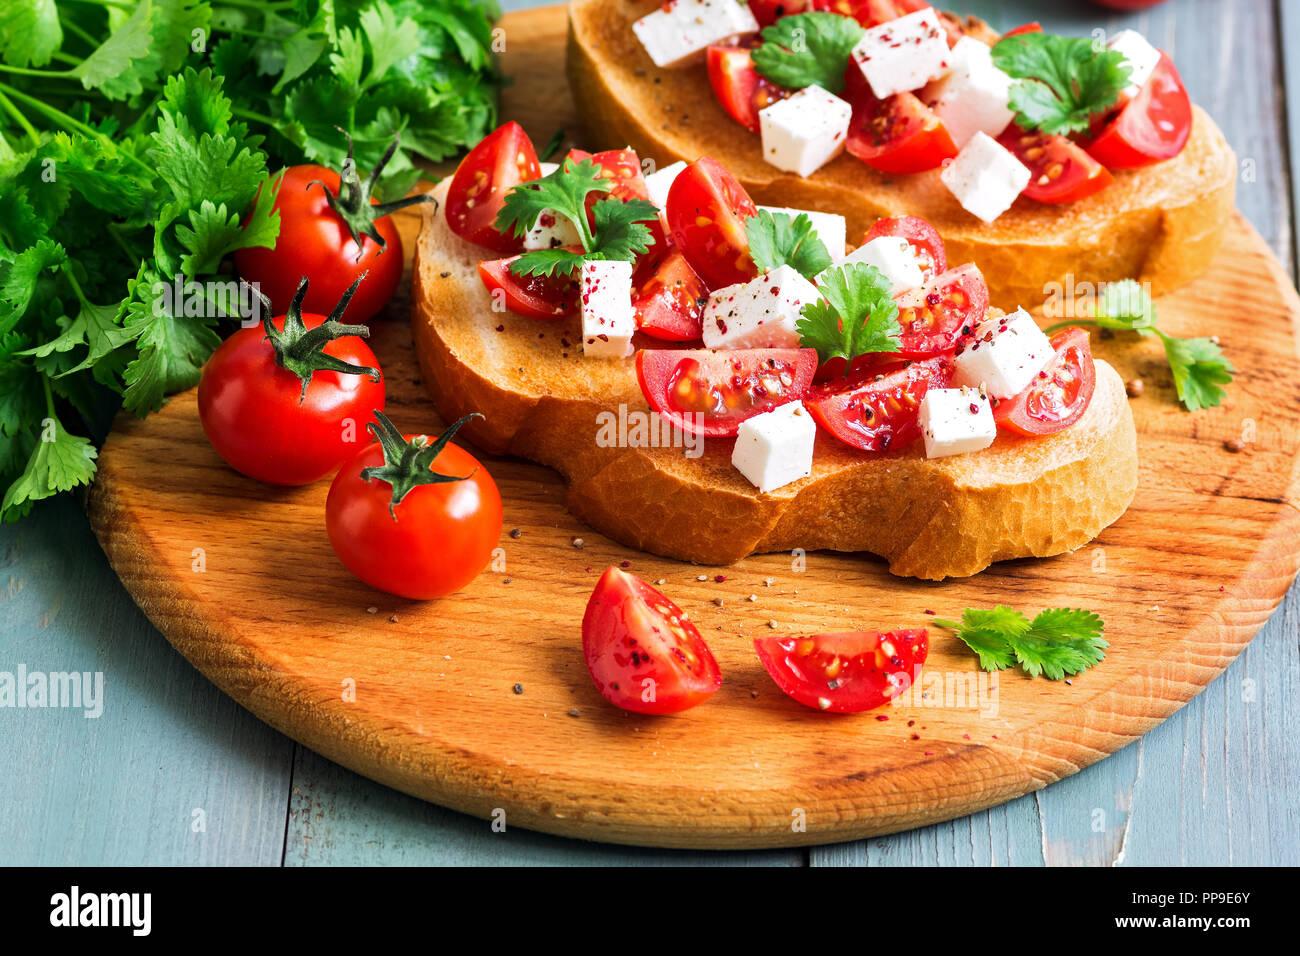 Bruschetta con tomates, queso y verdes sobre pan tostado. Comida italiana tradicional. Enfoque selectivo Imagen De Stock